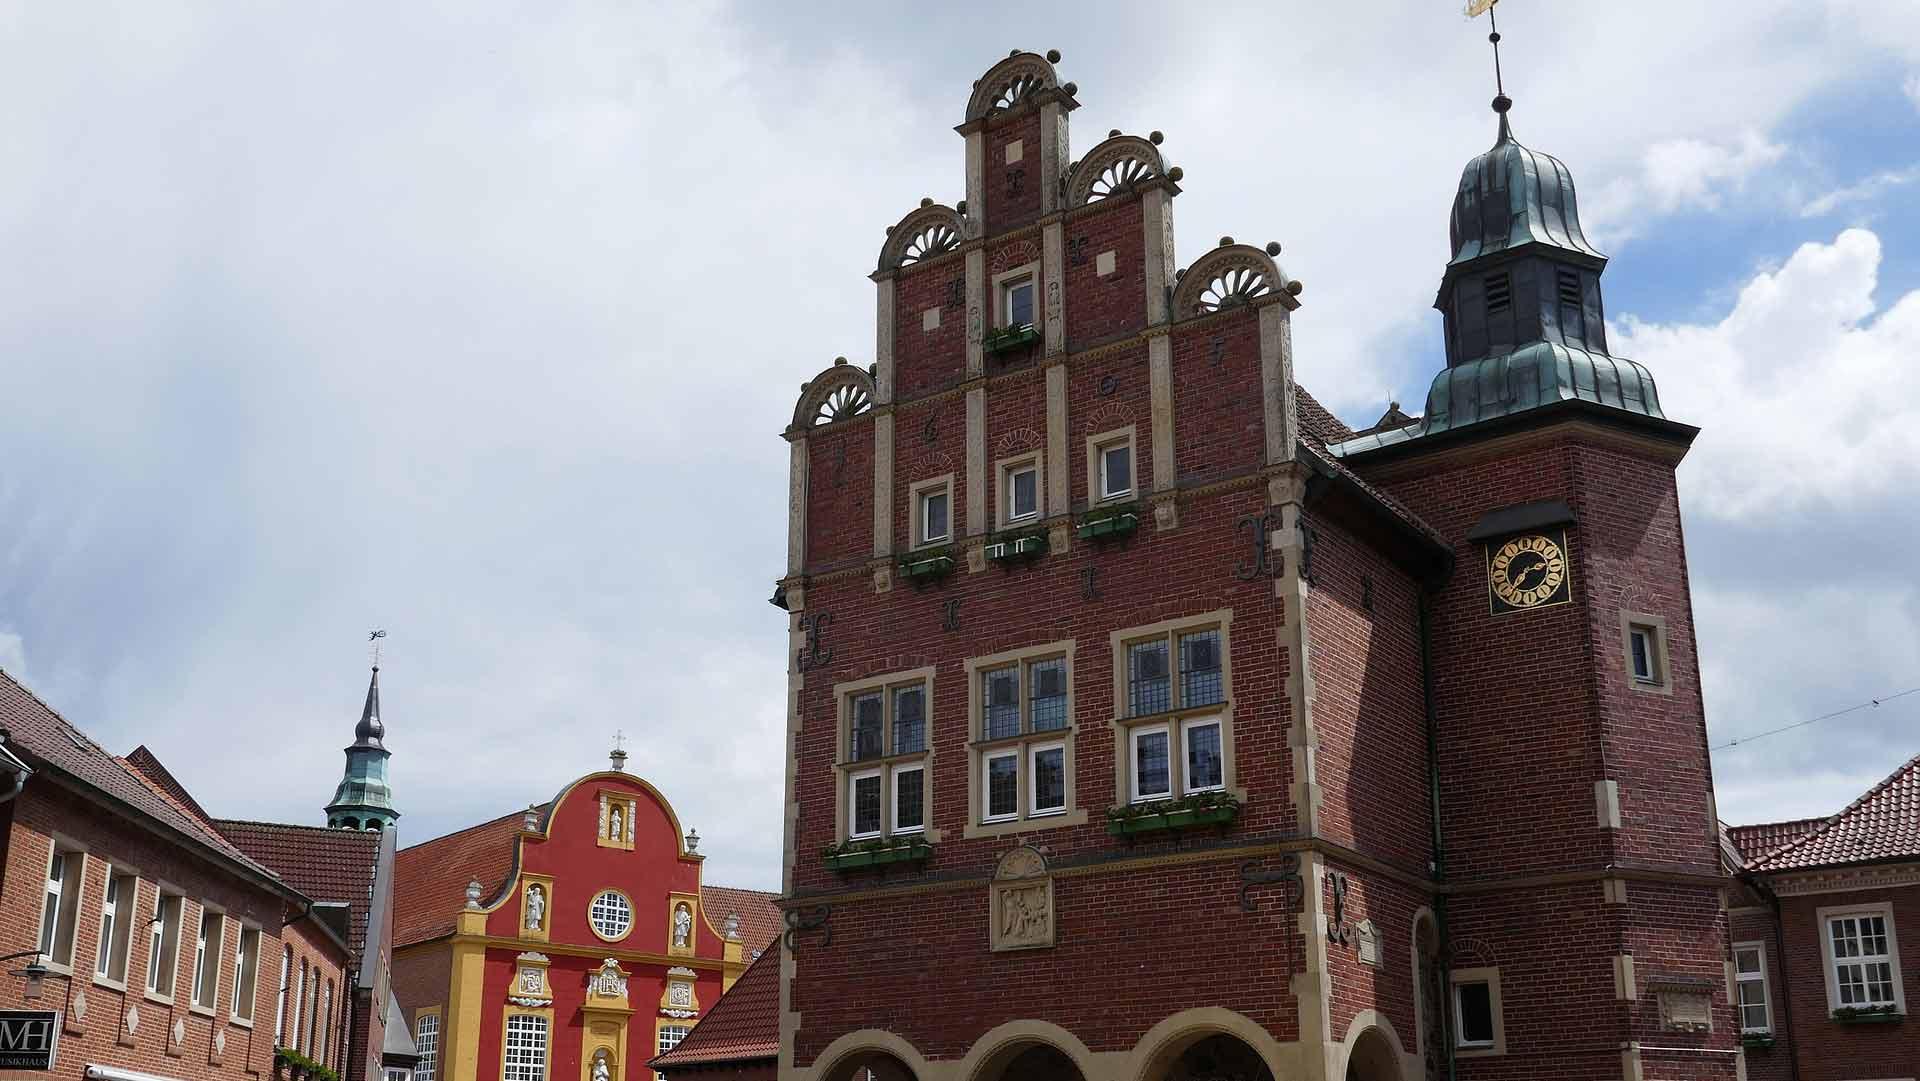 Het stadhuis van Meppen in Renaissance stijl.